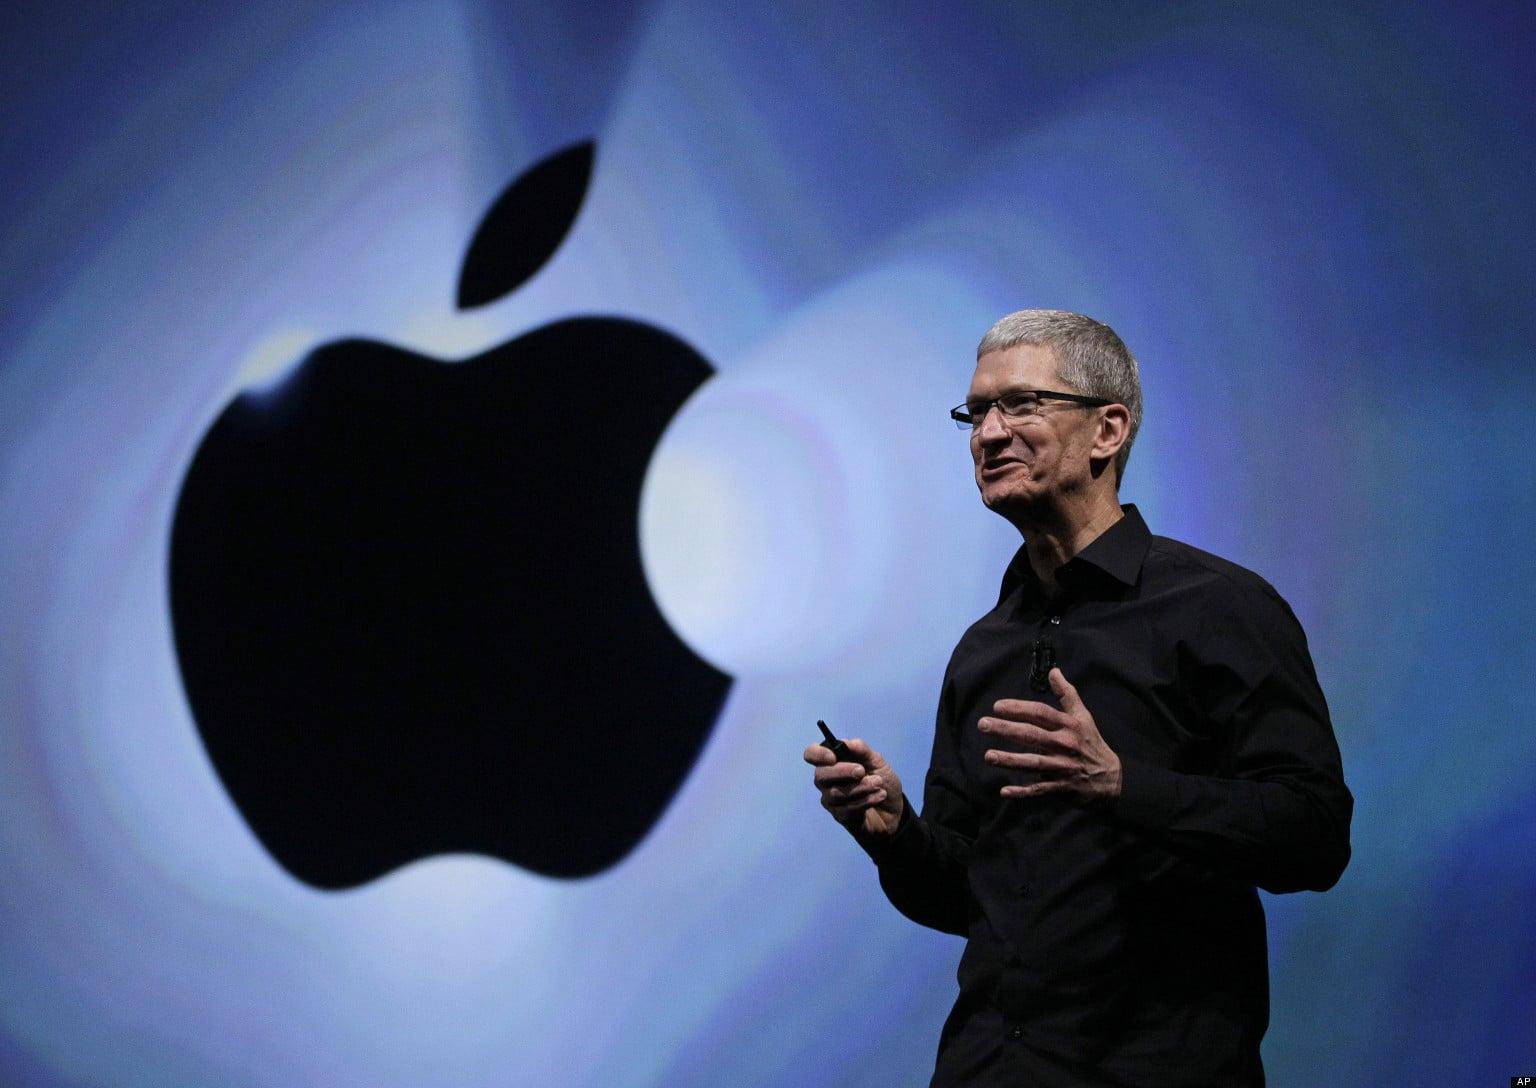 Por segundo año consecutivo Apple vuelve a ser considerada la mara mejor valorada del mundo según Interbrand.